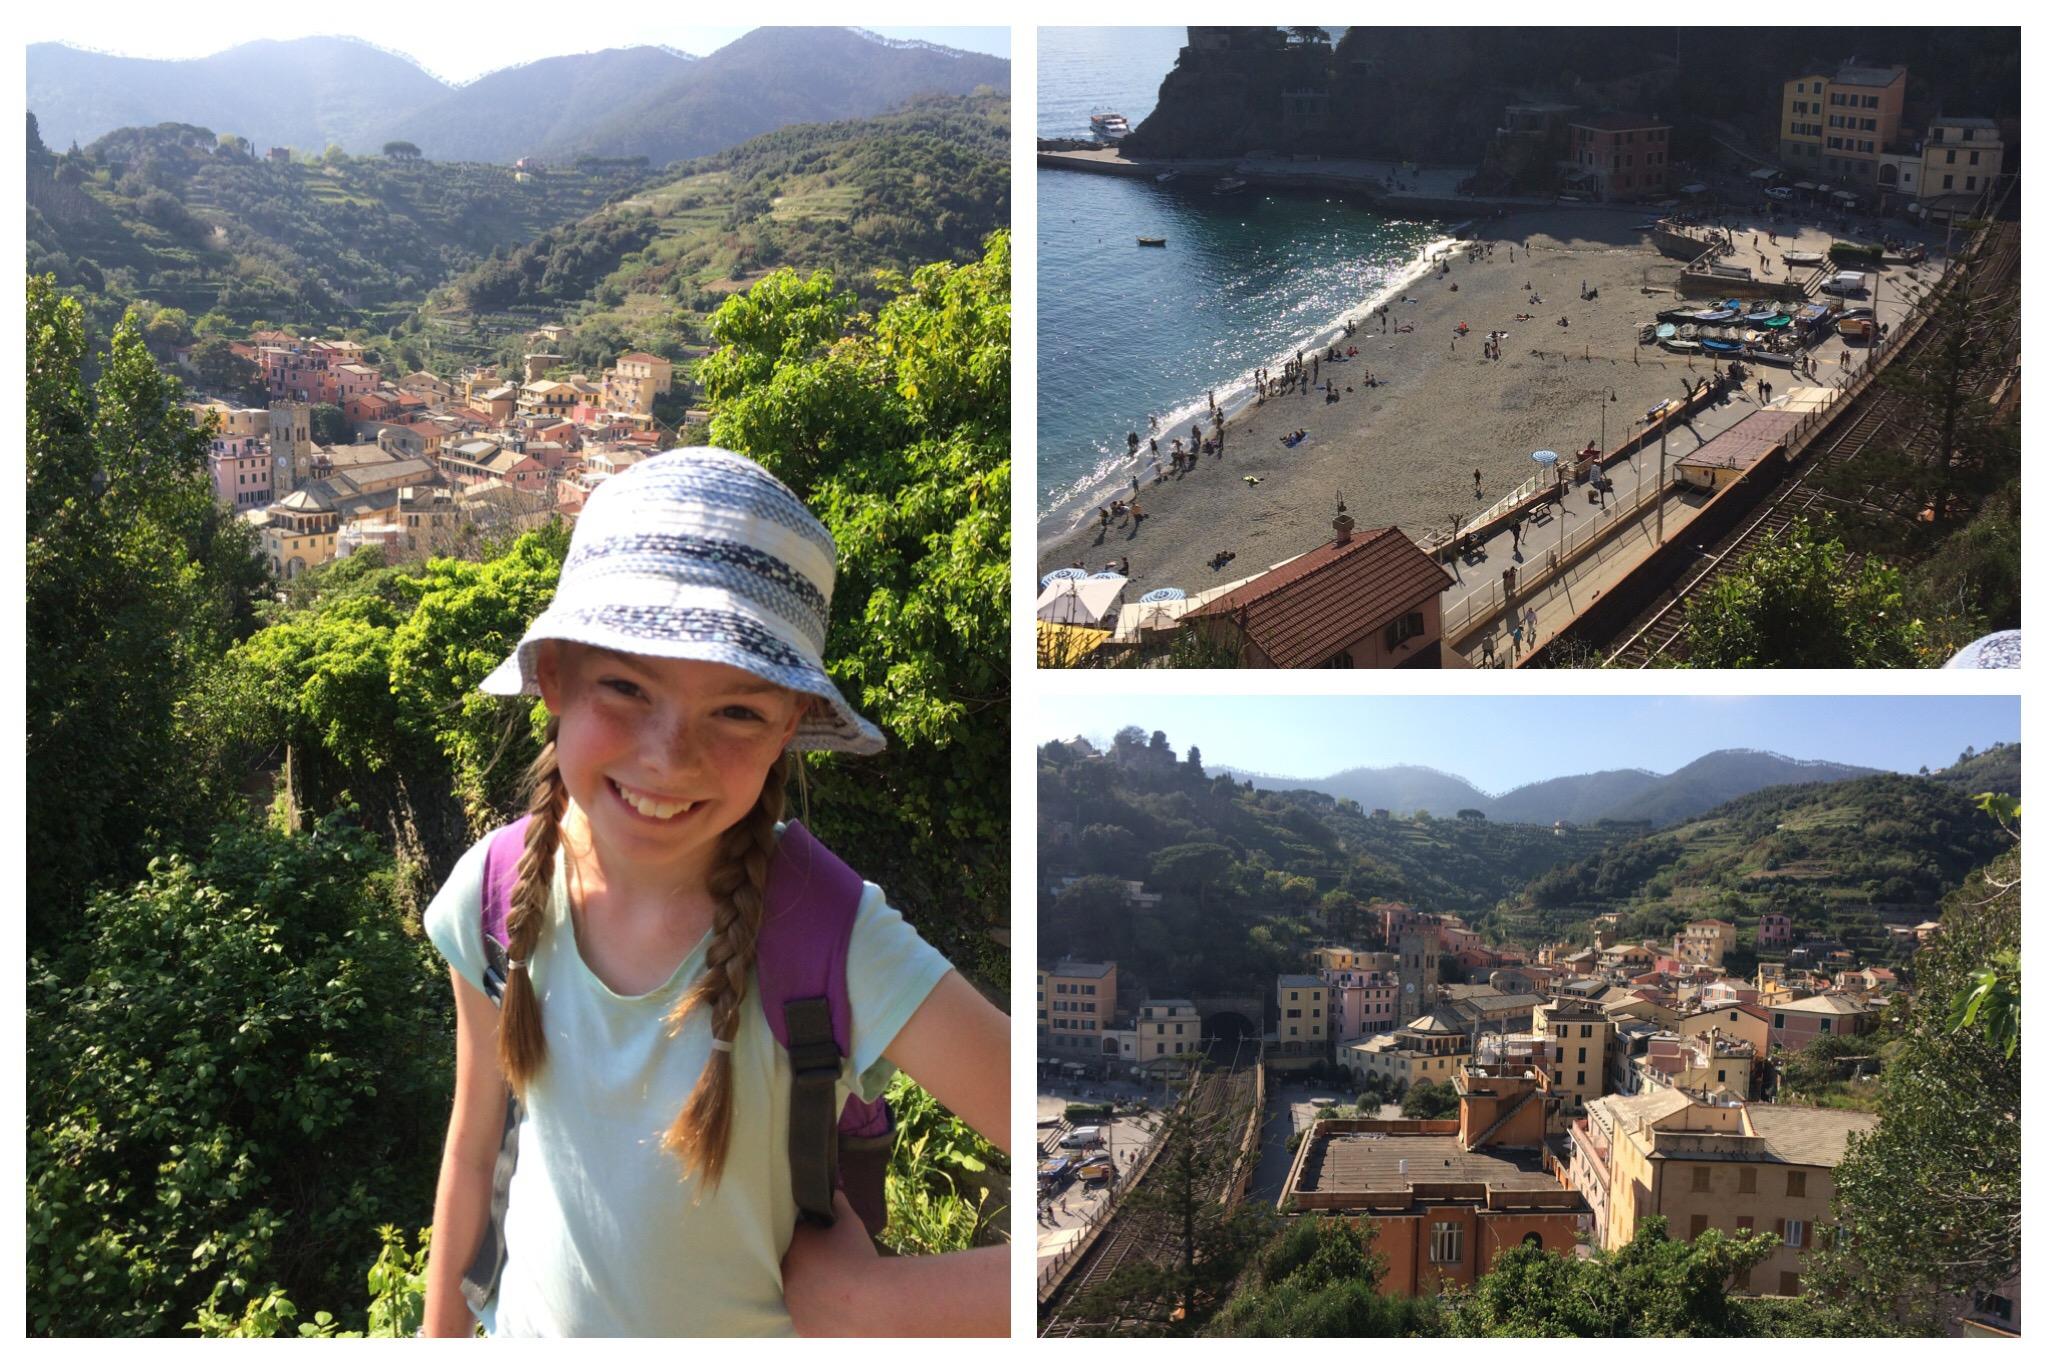 Cinque Terre - Vernazza to Monterosso walk